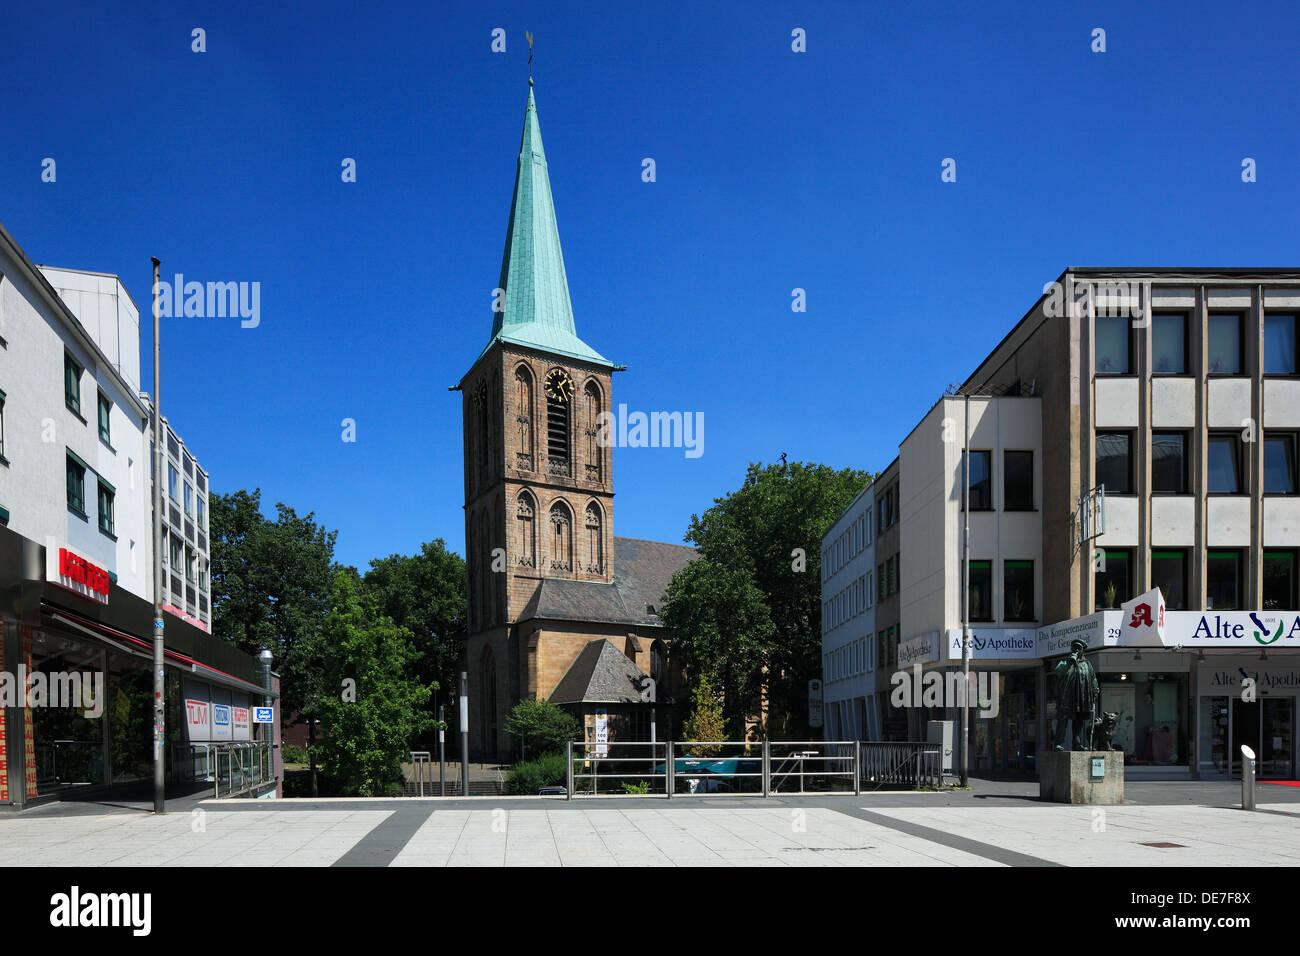 Katholische Propsteikirche Sankt Peter und Paul und Kaufhaeuser in der Innenstadt, Bochum, Ruhrgebiet, Nordrhein-Westfalen - Stock Image